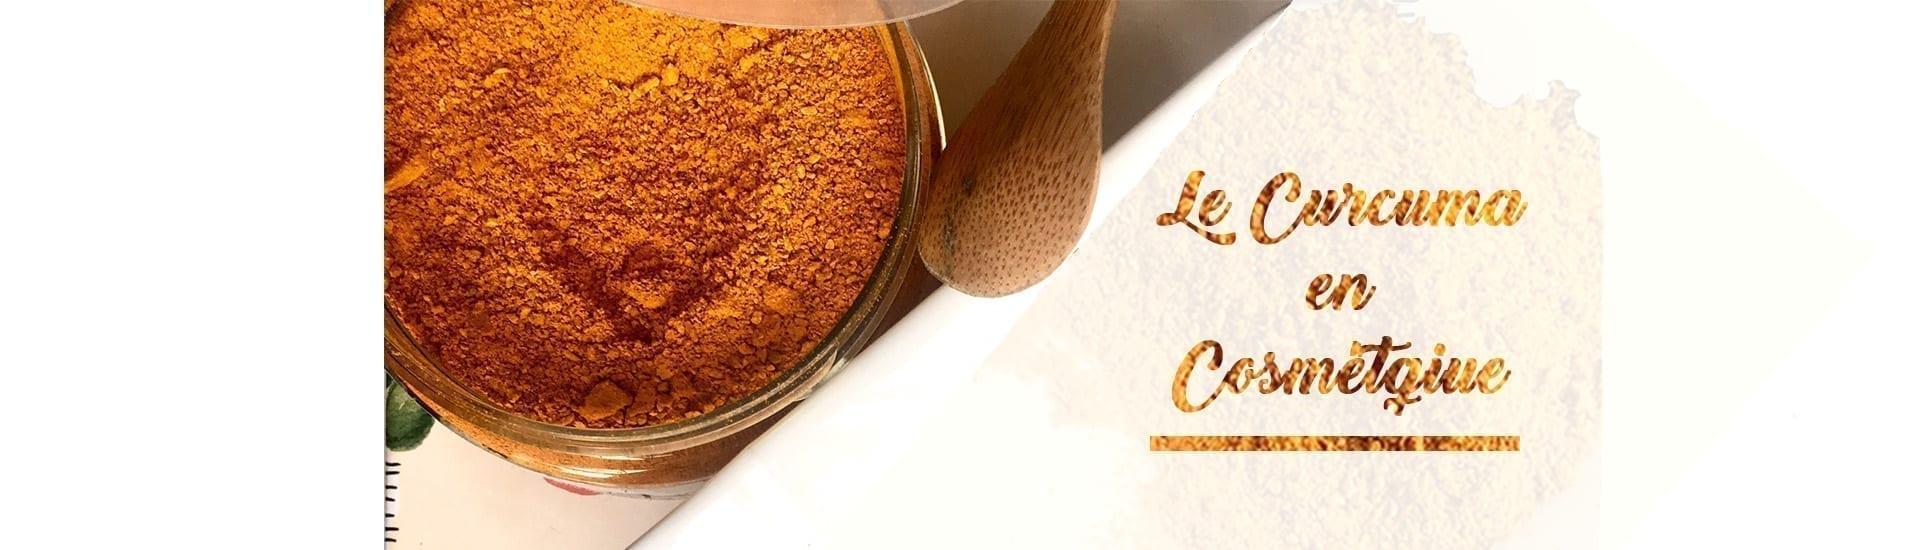 Les bienfaits du Curcuma en cosmétique